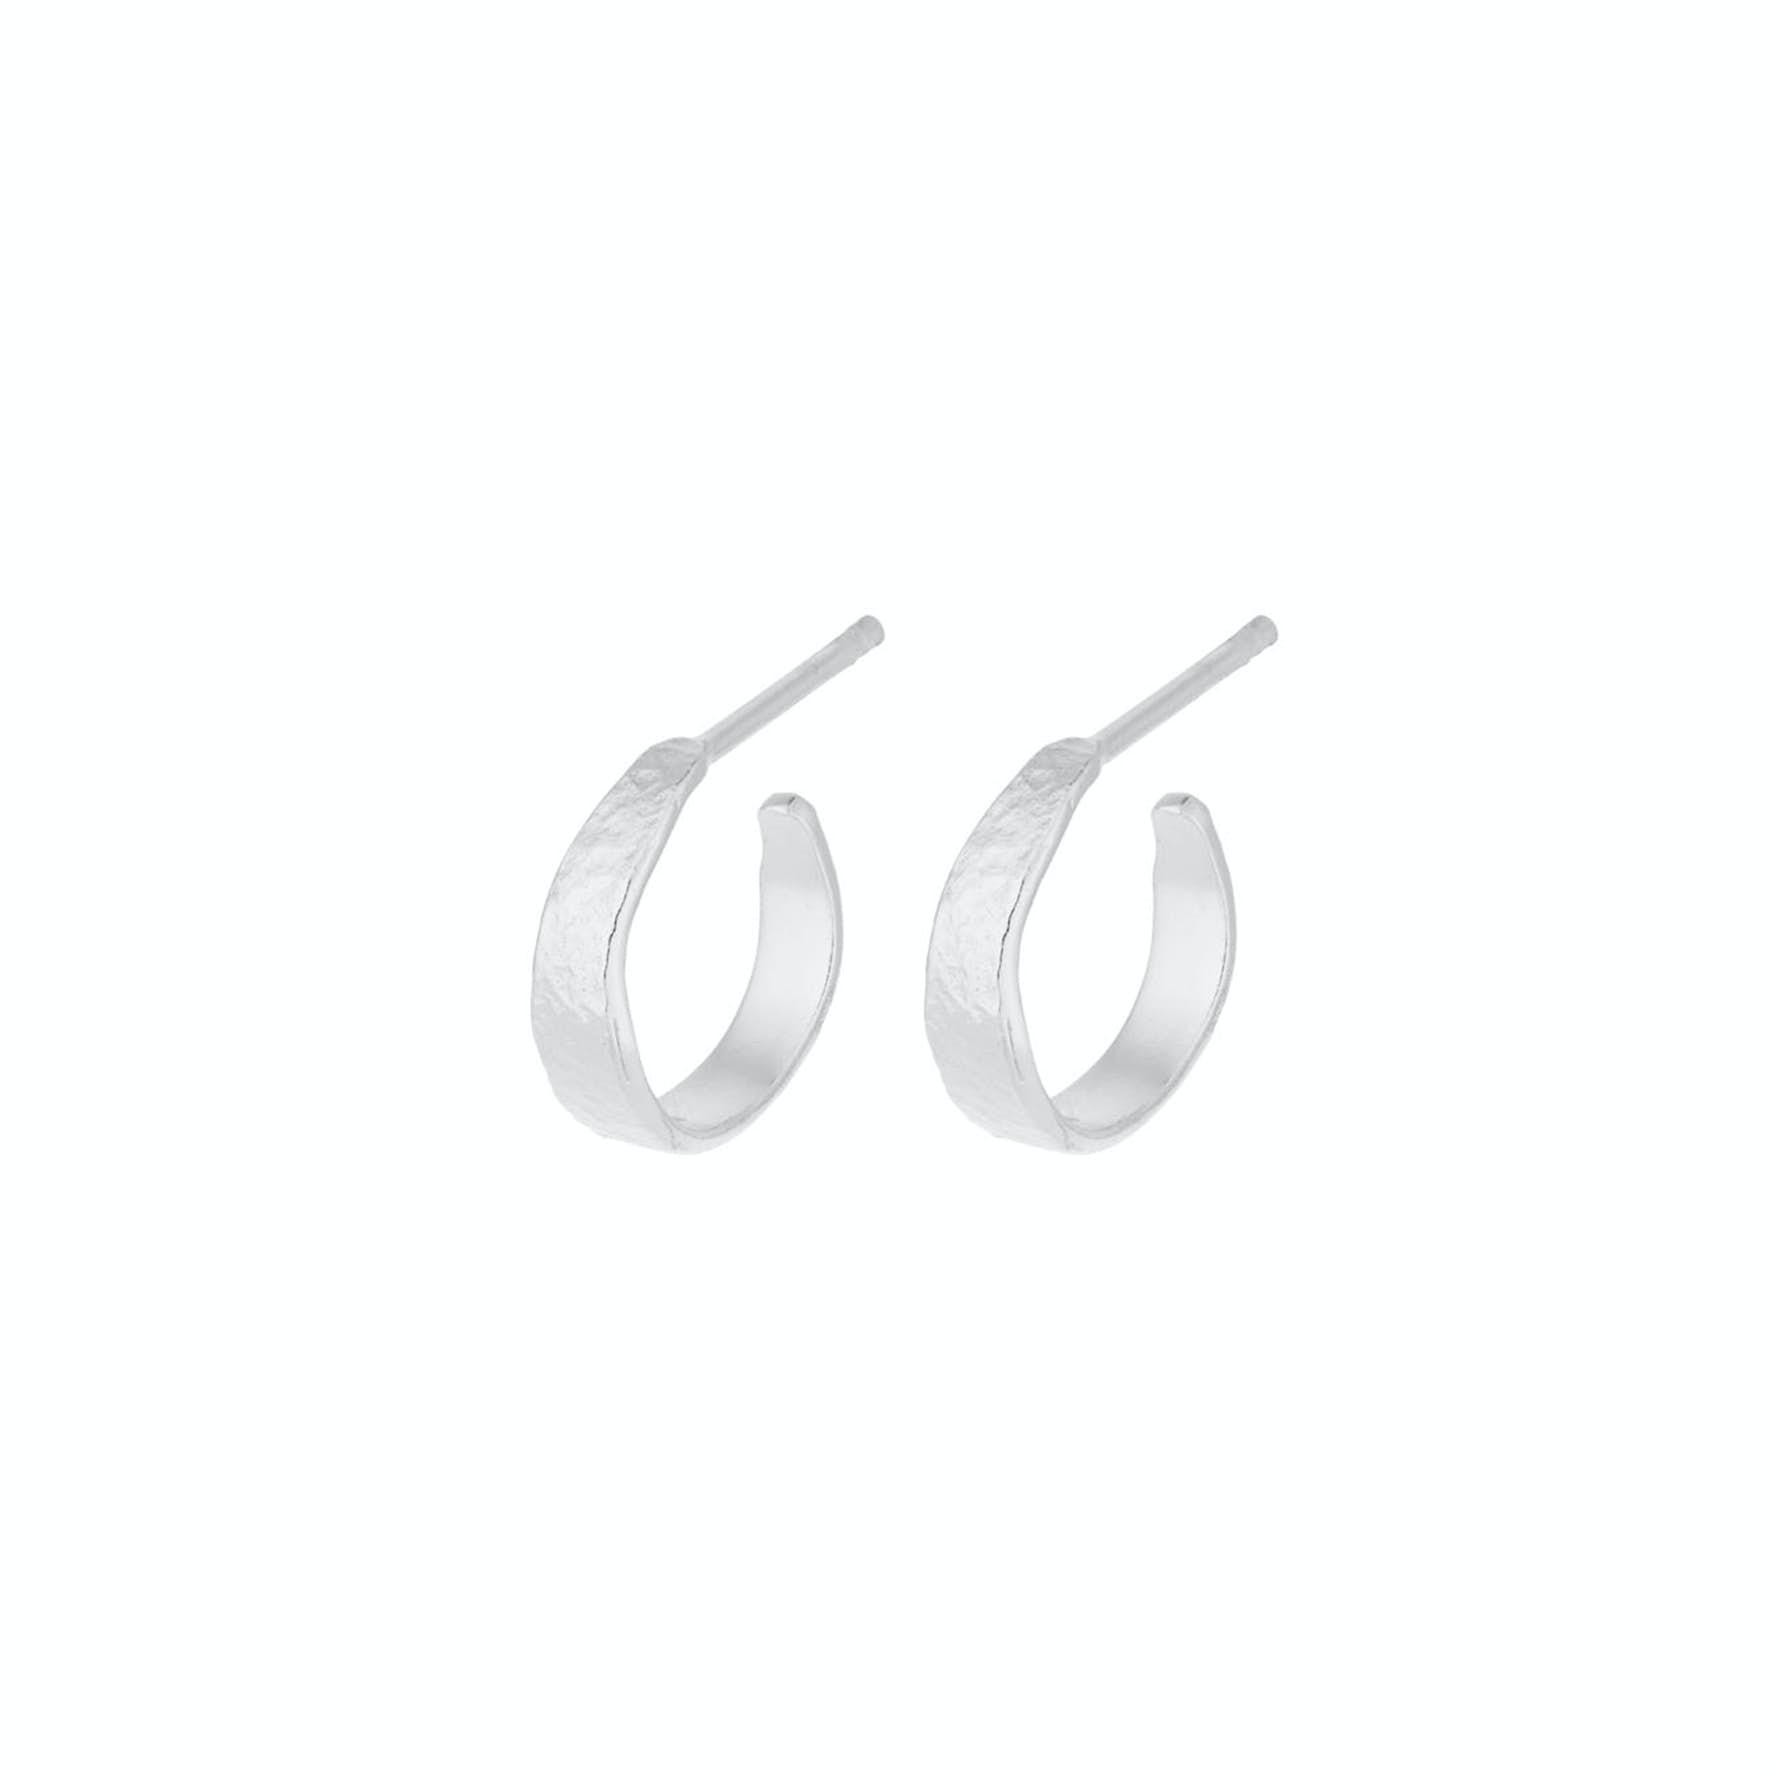 Moonscape Hoops Mini fra Pernille Corydon i Sølv Sterling 925